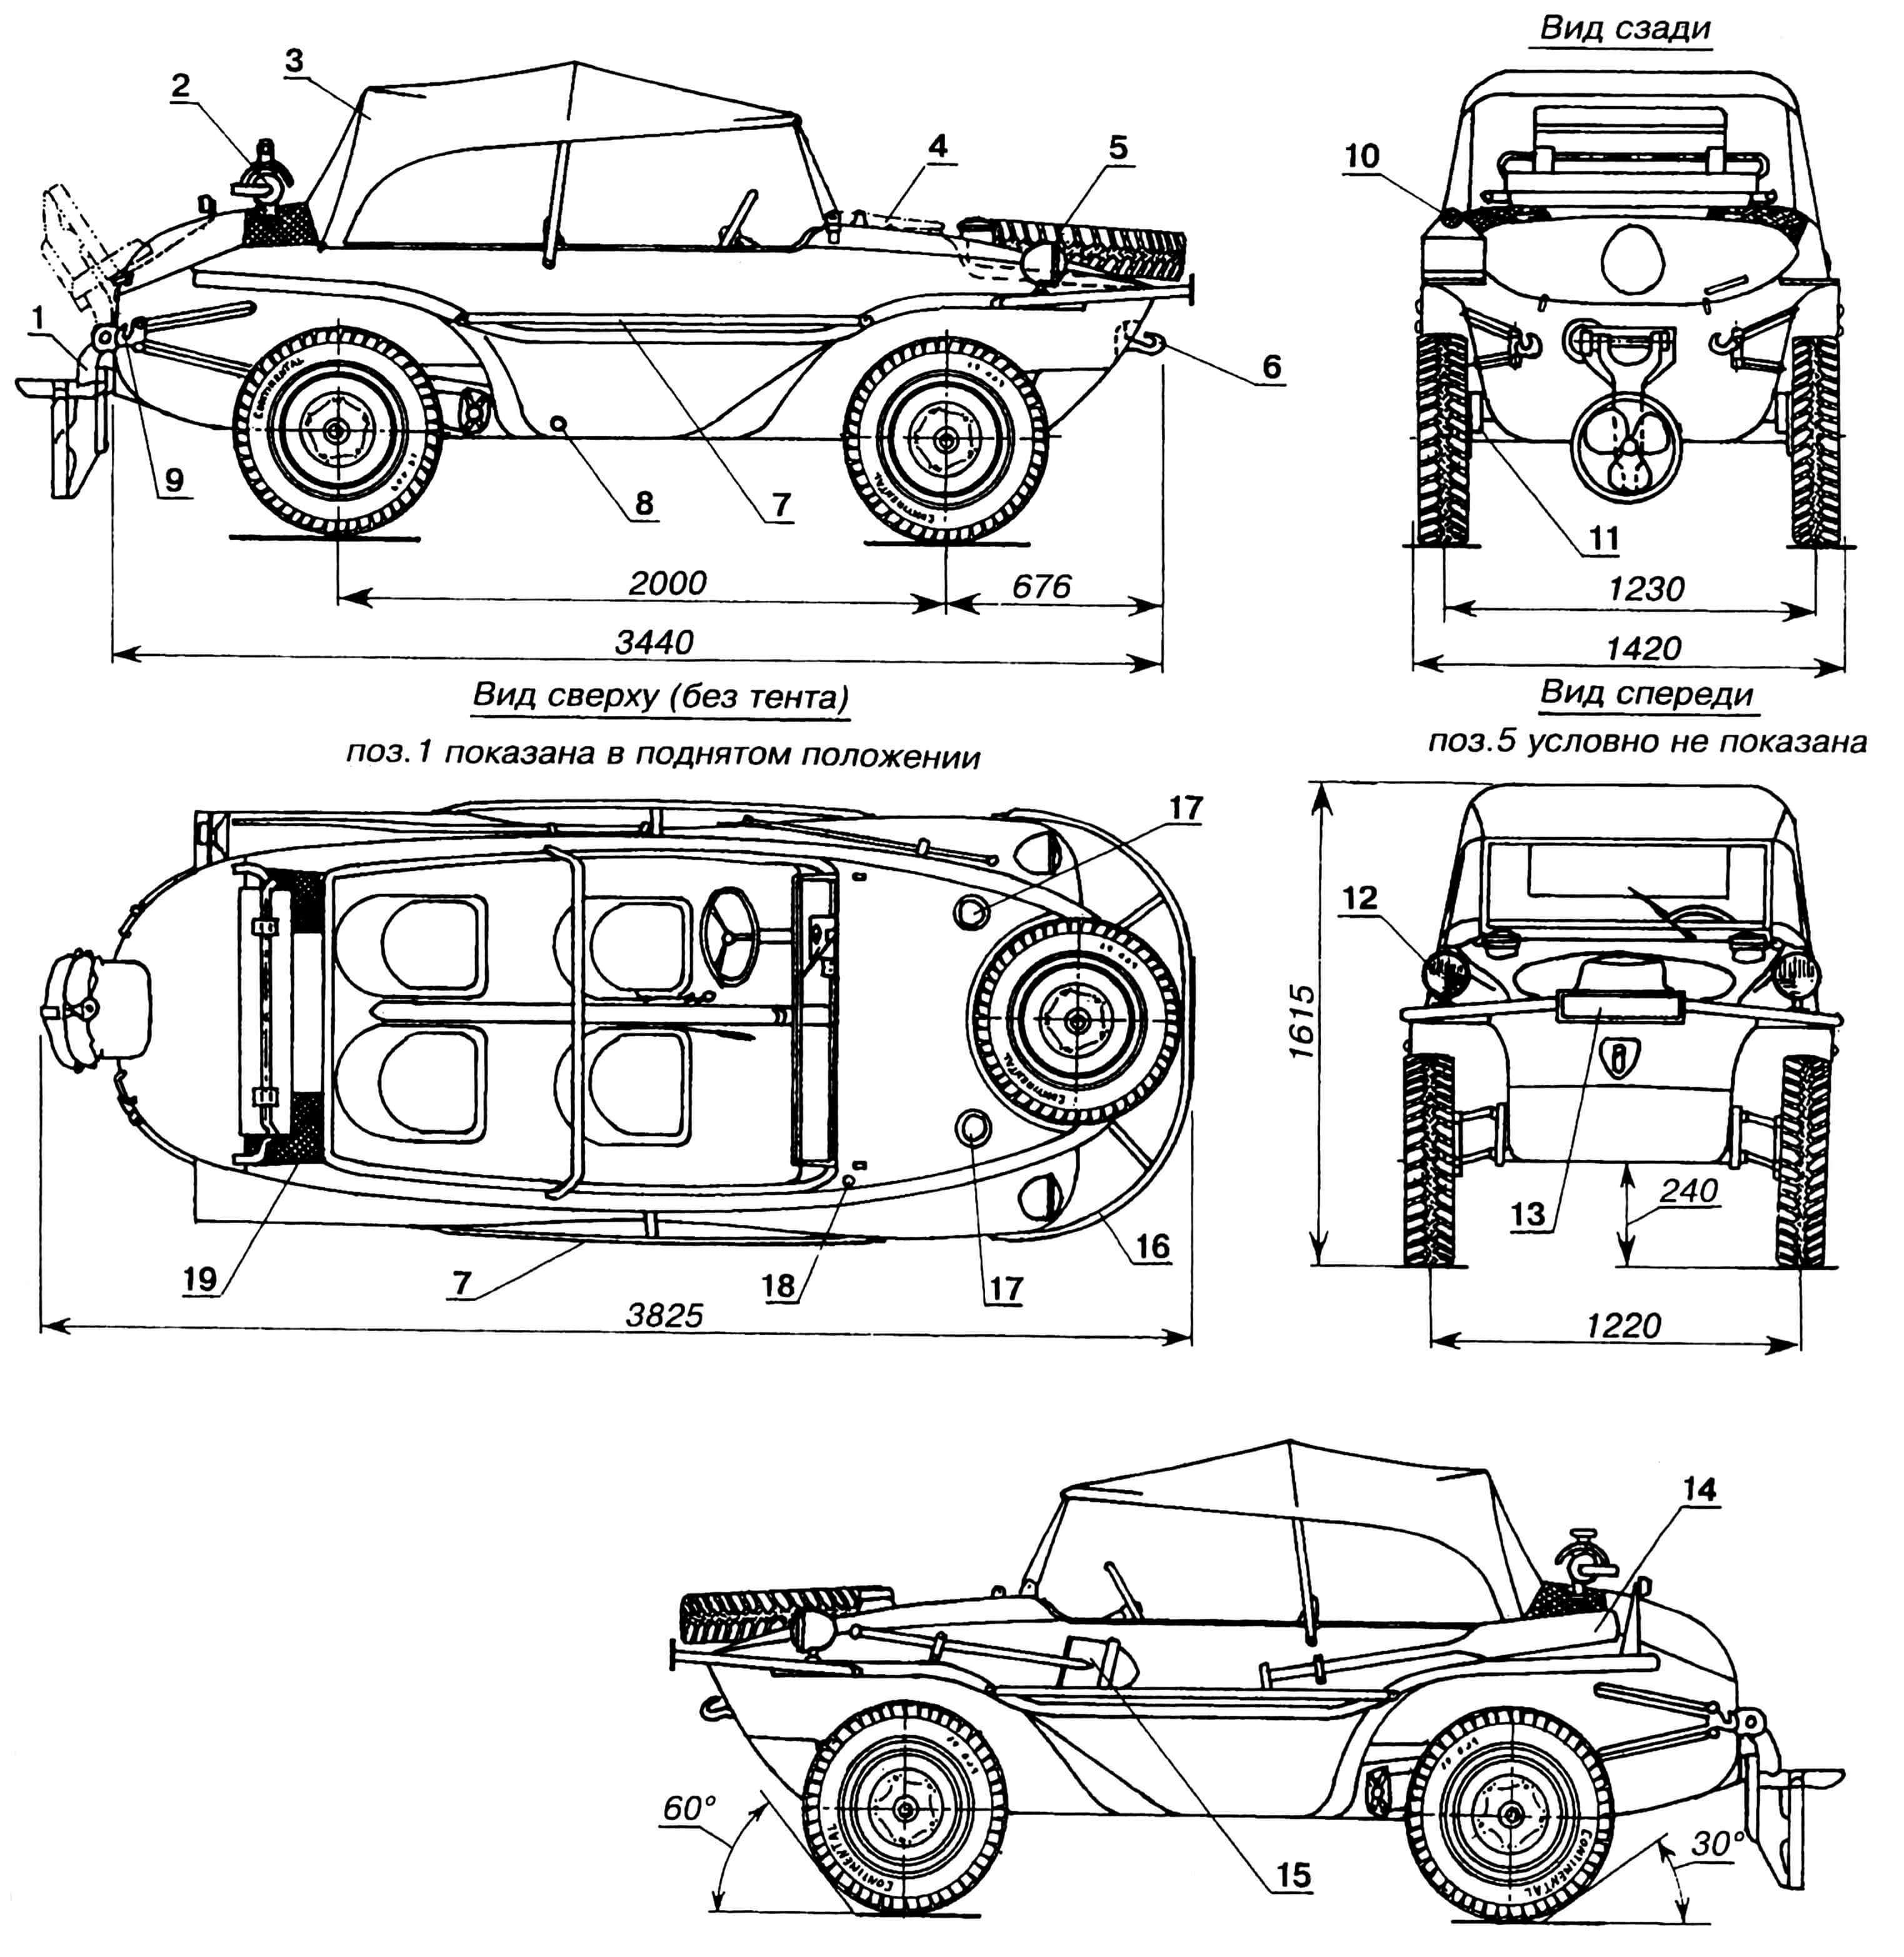 Общий вид автомобиля-амфибии VW-166 Schwimmwagen: 1 — колонка винта откидная; 2 — глушитель двигателя; 3 — тент съемный; 4 — стекло лобовое в откинутом положении; 5 — колесо запасное; 6 — крюк буксирный, передний; 7 — поручень; 8 — патрубок насоса откачки воды; 9 — крюк буксировочный задний, откидной; 10 — стоп-сигнал с панелью крепления заднего номера; 11 — редуктор колесный; 12 — фара; 13 — панель переднего номера; 14 — весло; 15 — лопата; 16 — бампер; 17 — горловины бензобаков; 18 — стойка крепления ручного пулемета; 19 — решетка выхода воздуха из двигательного отсека.